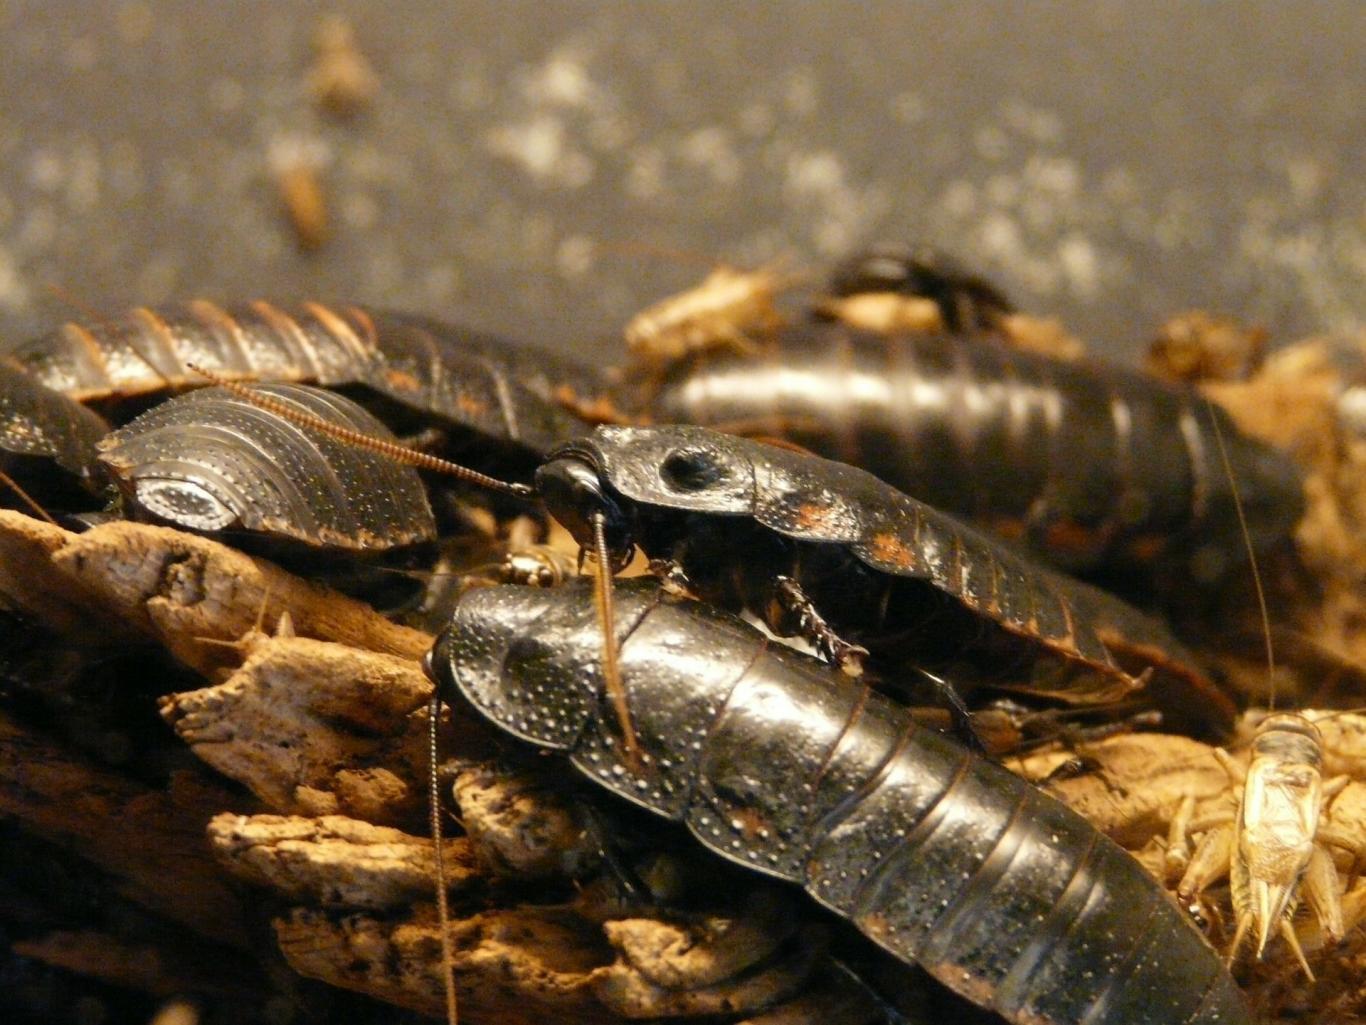 Varias cucarachas grandes sobre hojas